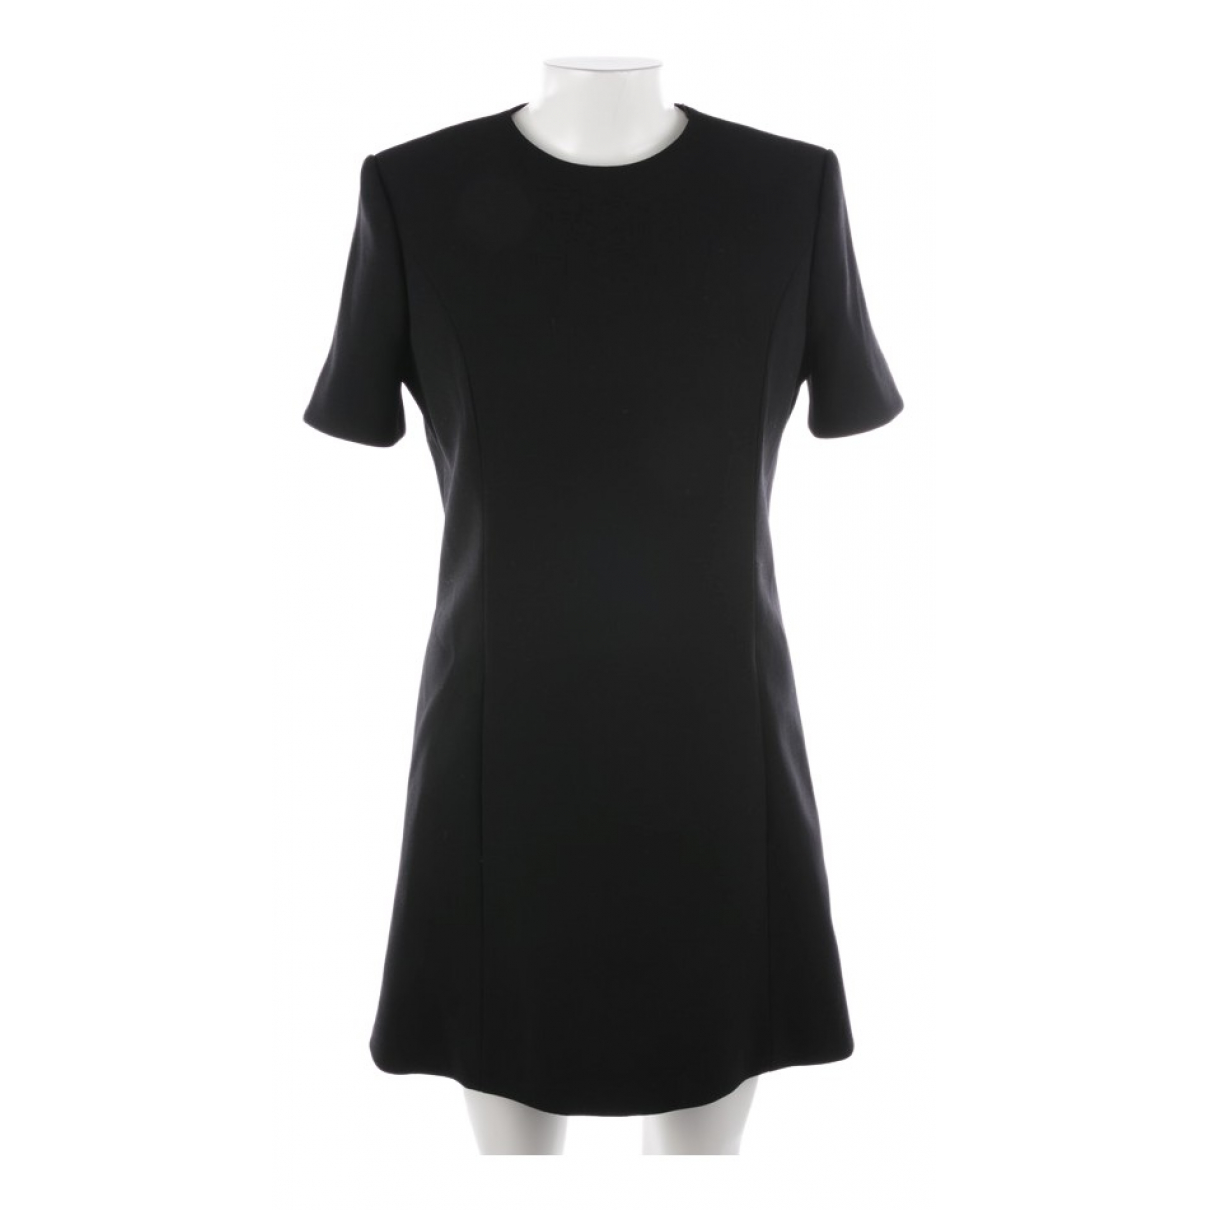 Saint Laurent \N Black Cotton dress for Women 34 FR